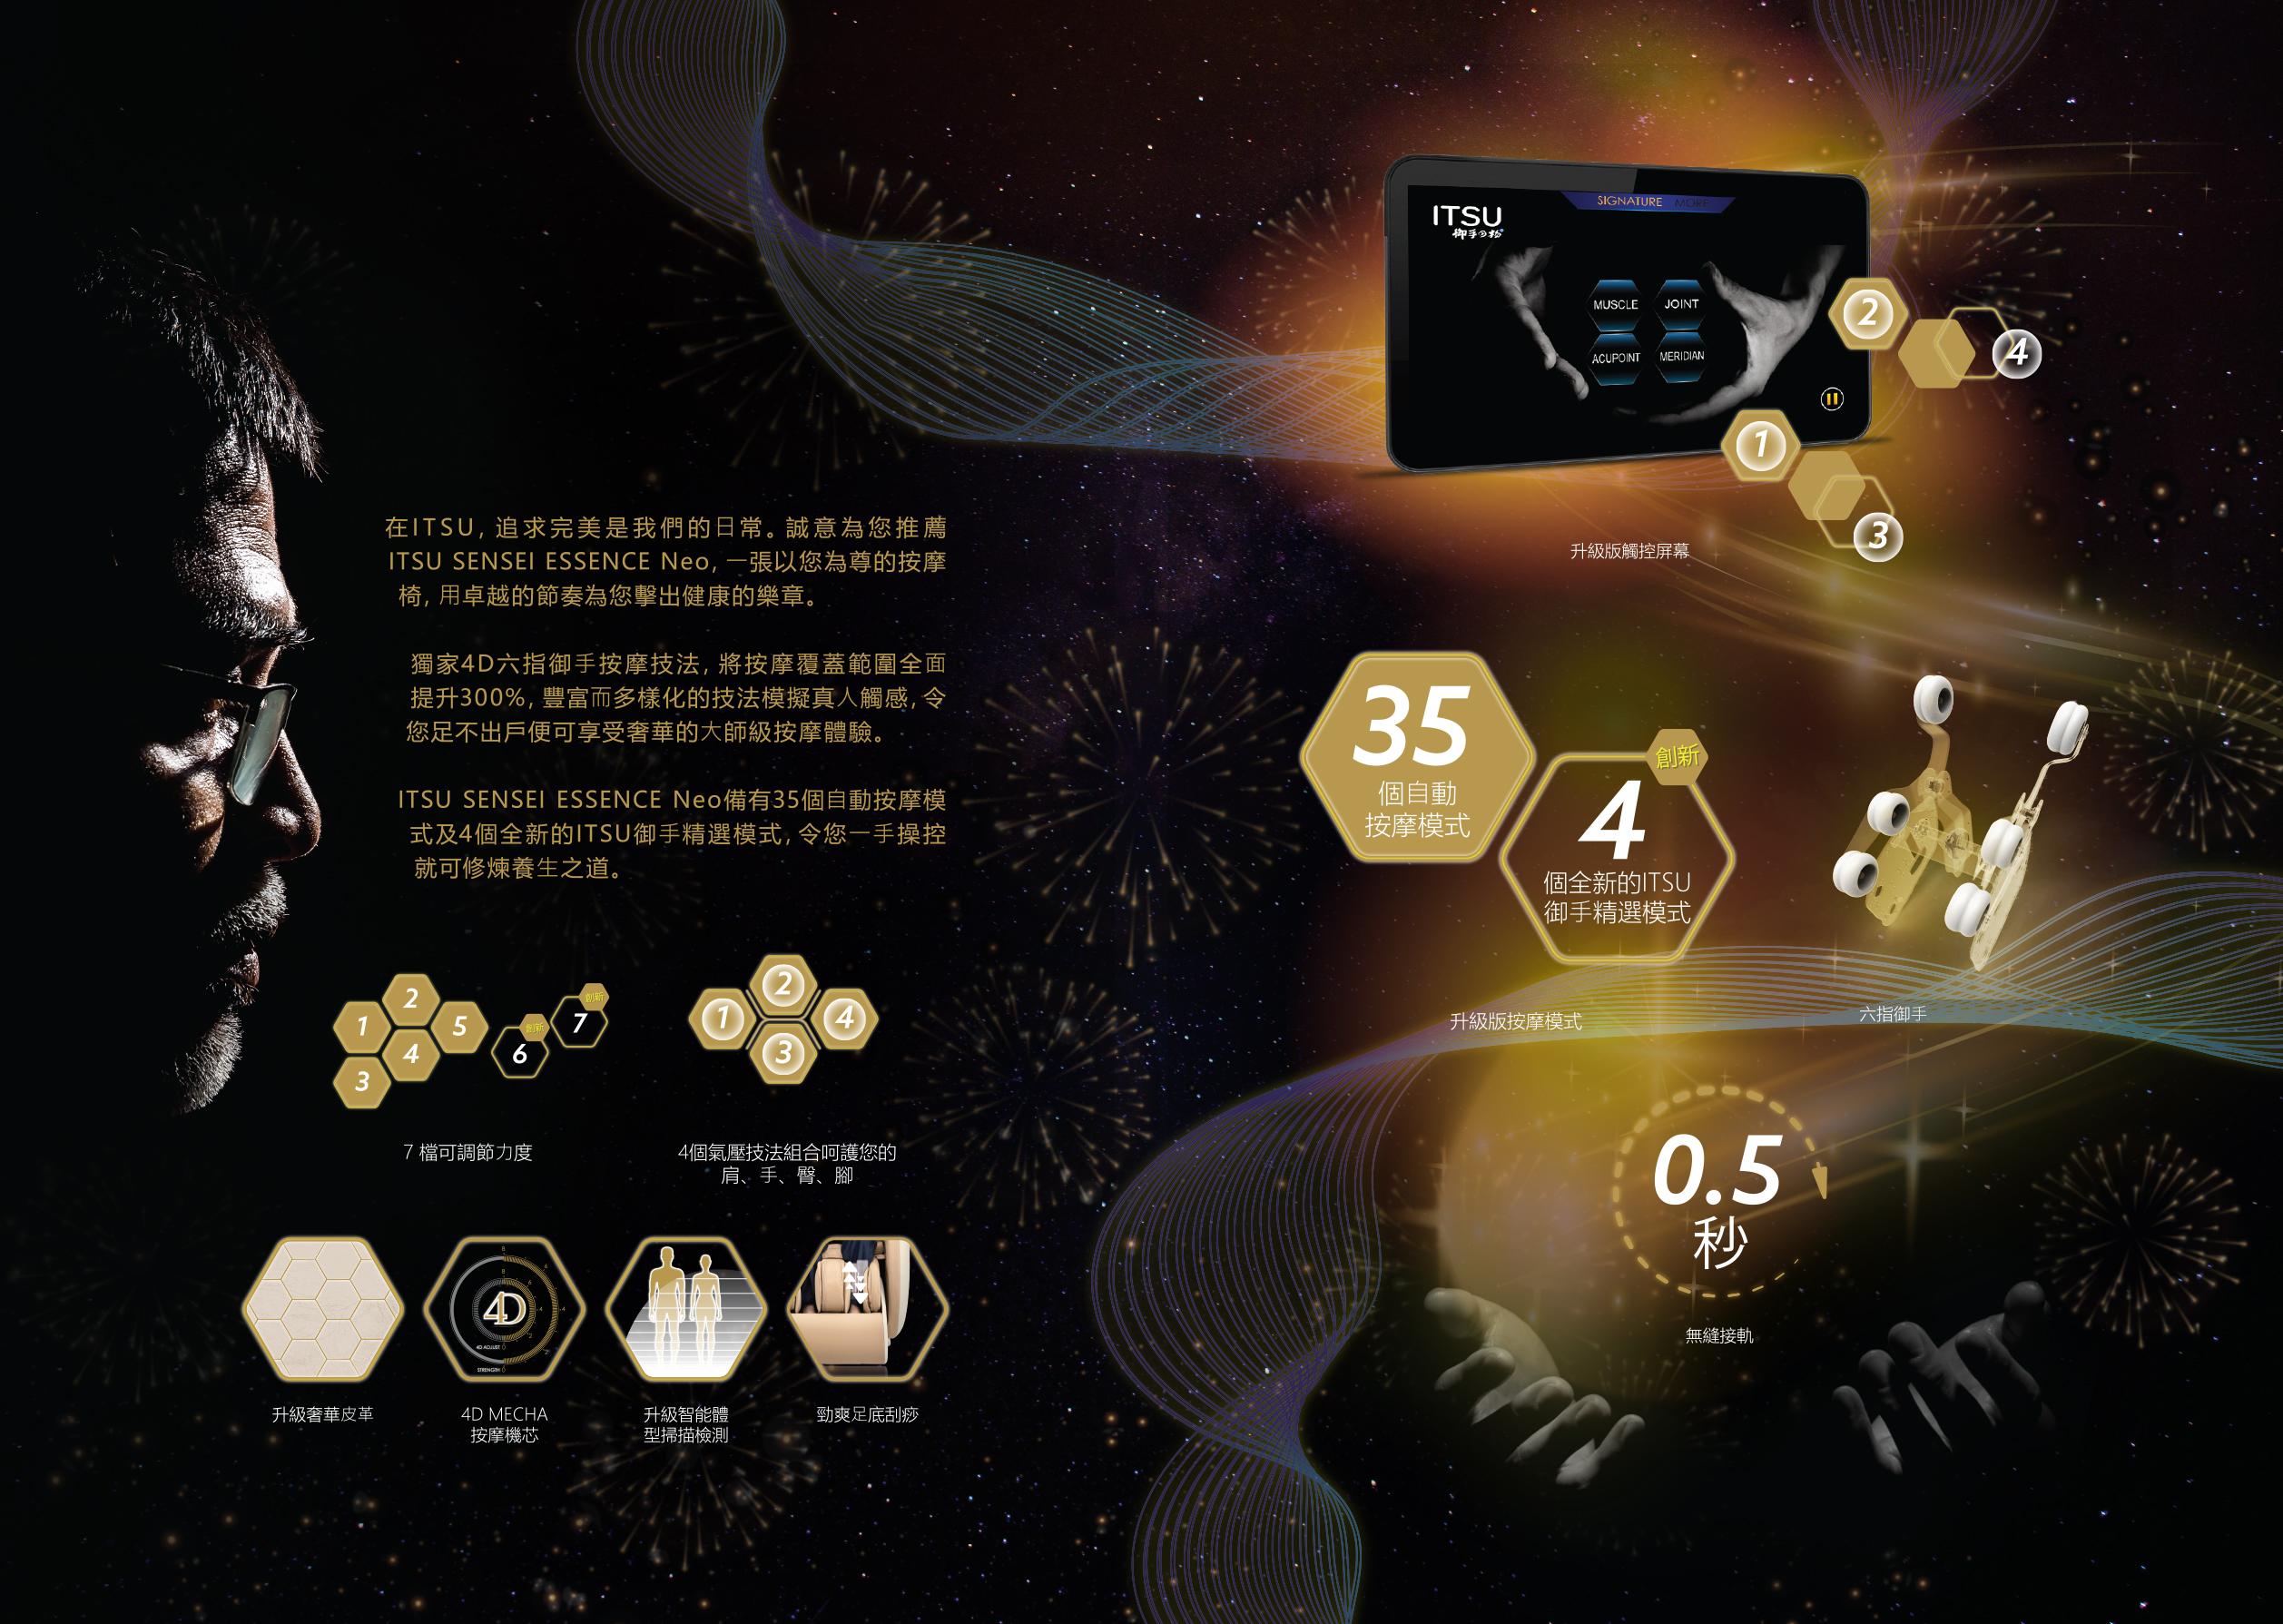 ITSU SENSEI ESSENCE Neo Catalogue_2